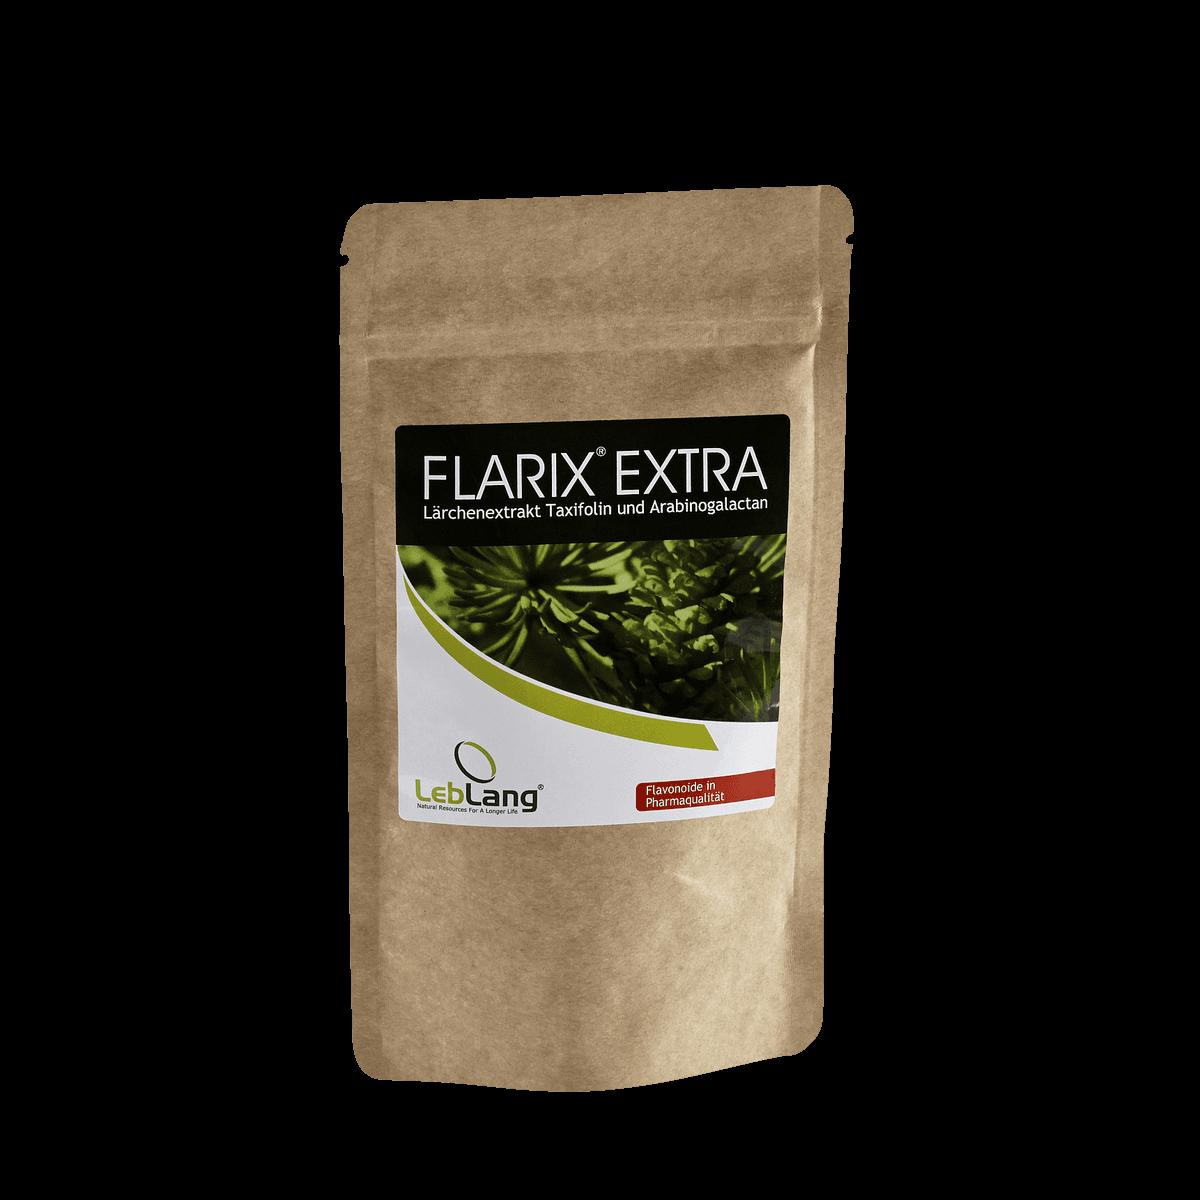 Flarix EXTRA-Pulver-Einzelpack